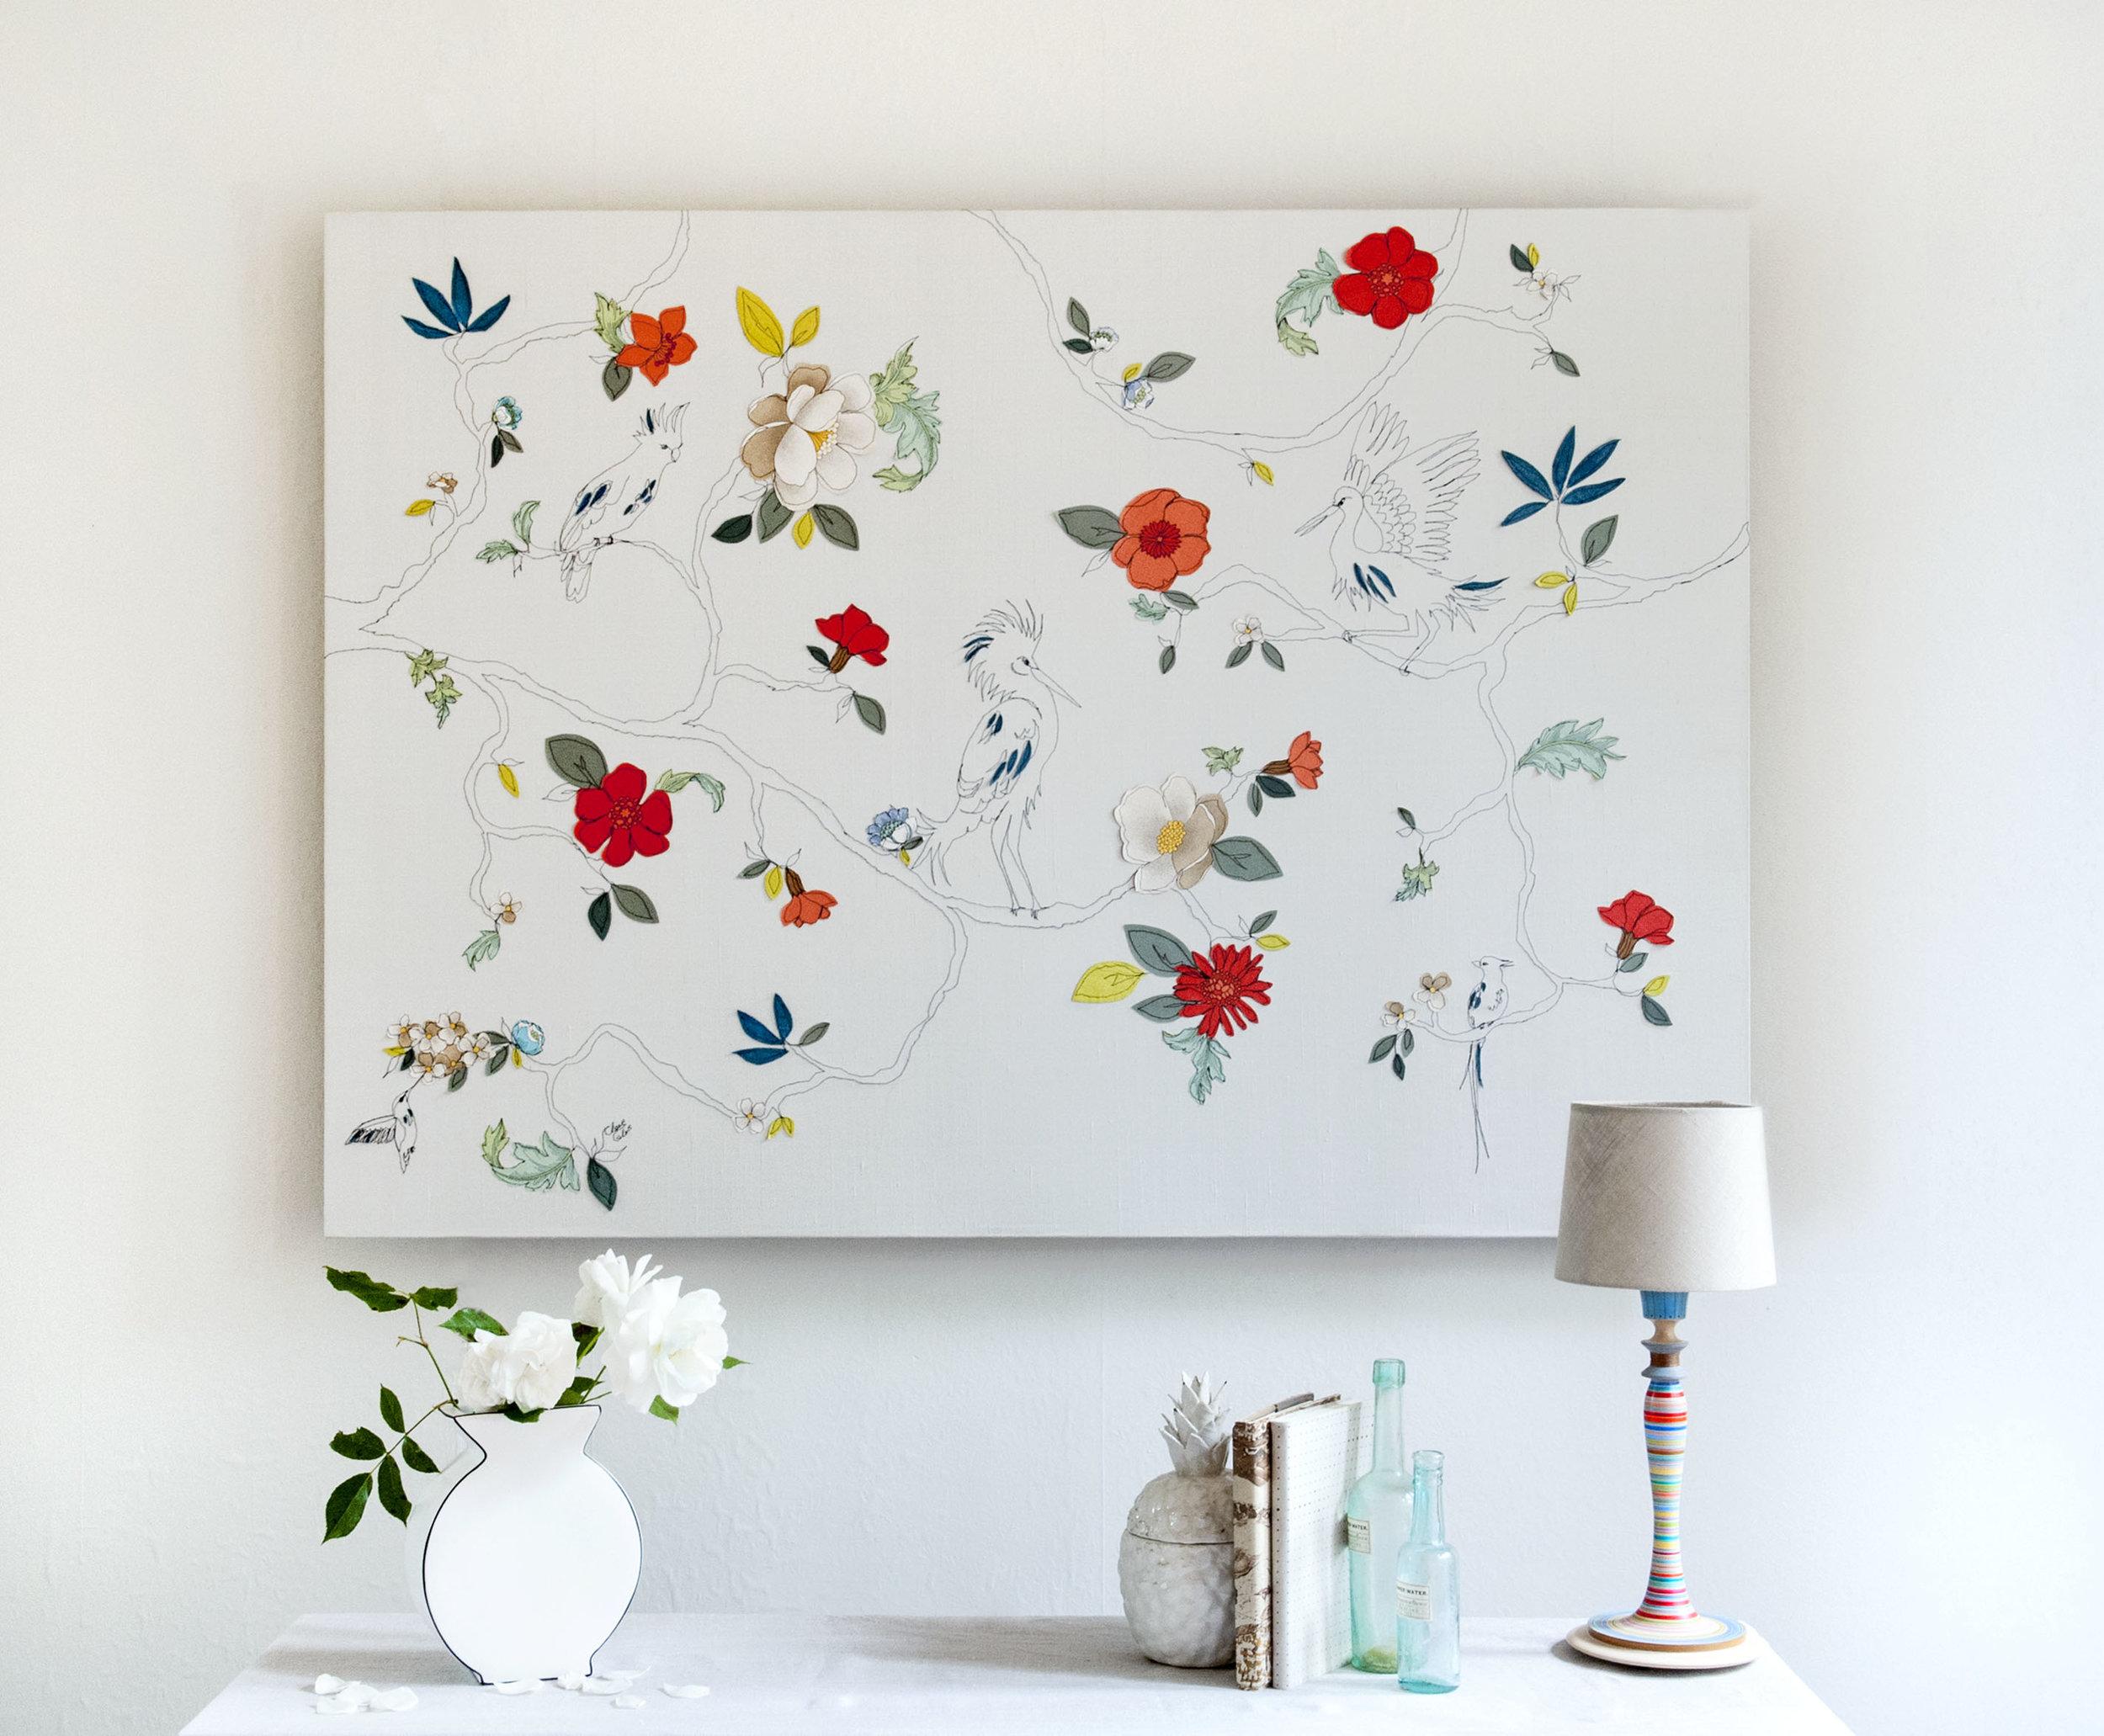 Tropical Garden | 200cm x 200cm Wallpaper/ Embroidery